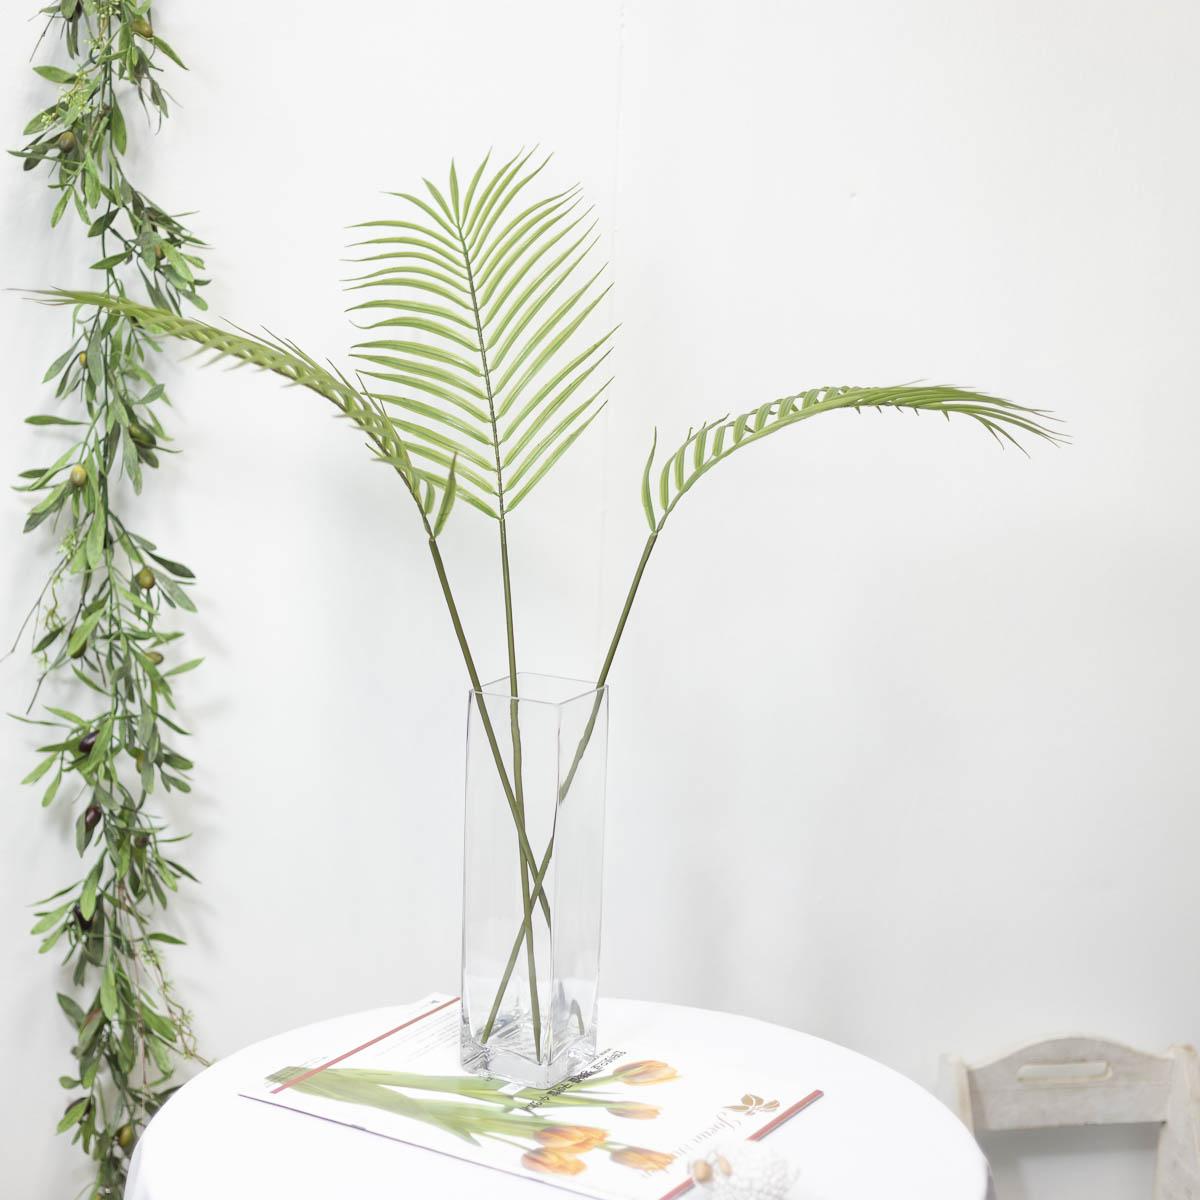 아레카야자조화 잎사귀 나무가지 79cm 세줄기 연출 사진